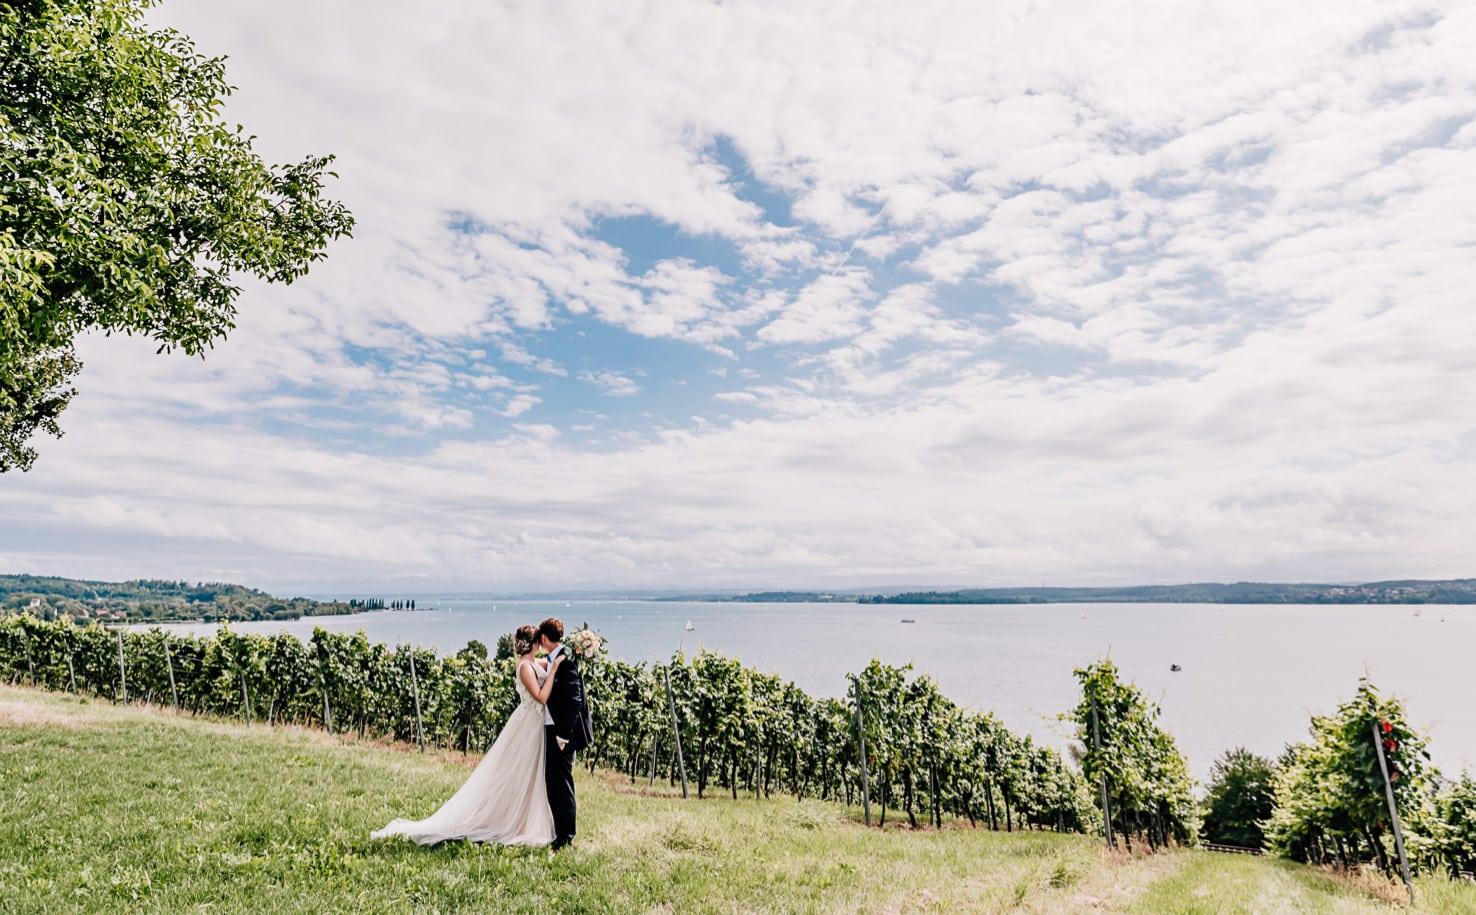 Jung und Wild design - Hochzeitsreportage am Bodensee, Standesamthochzeit in Überlingen, Hochzeitsfotografin in Bayern, München, Ingolstadt, Augsburg, Landshut